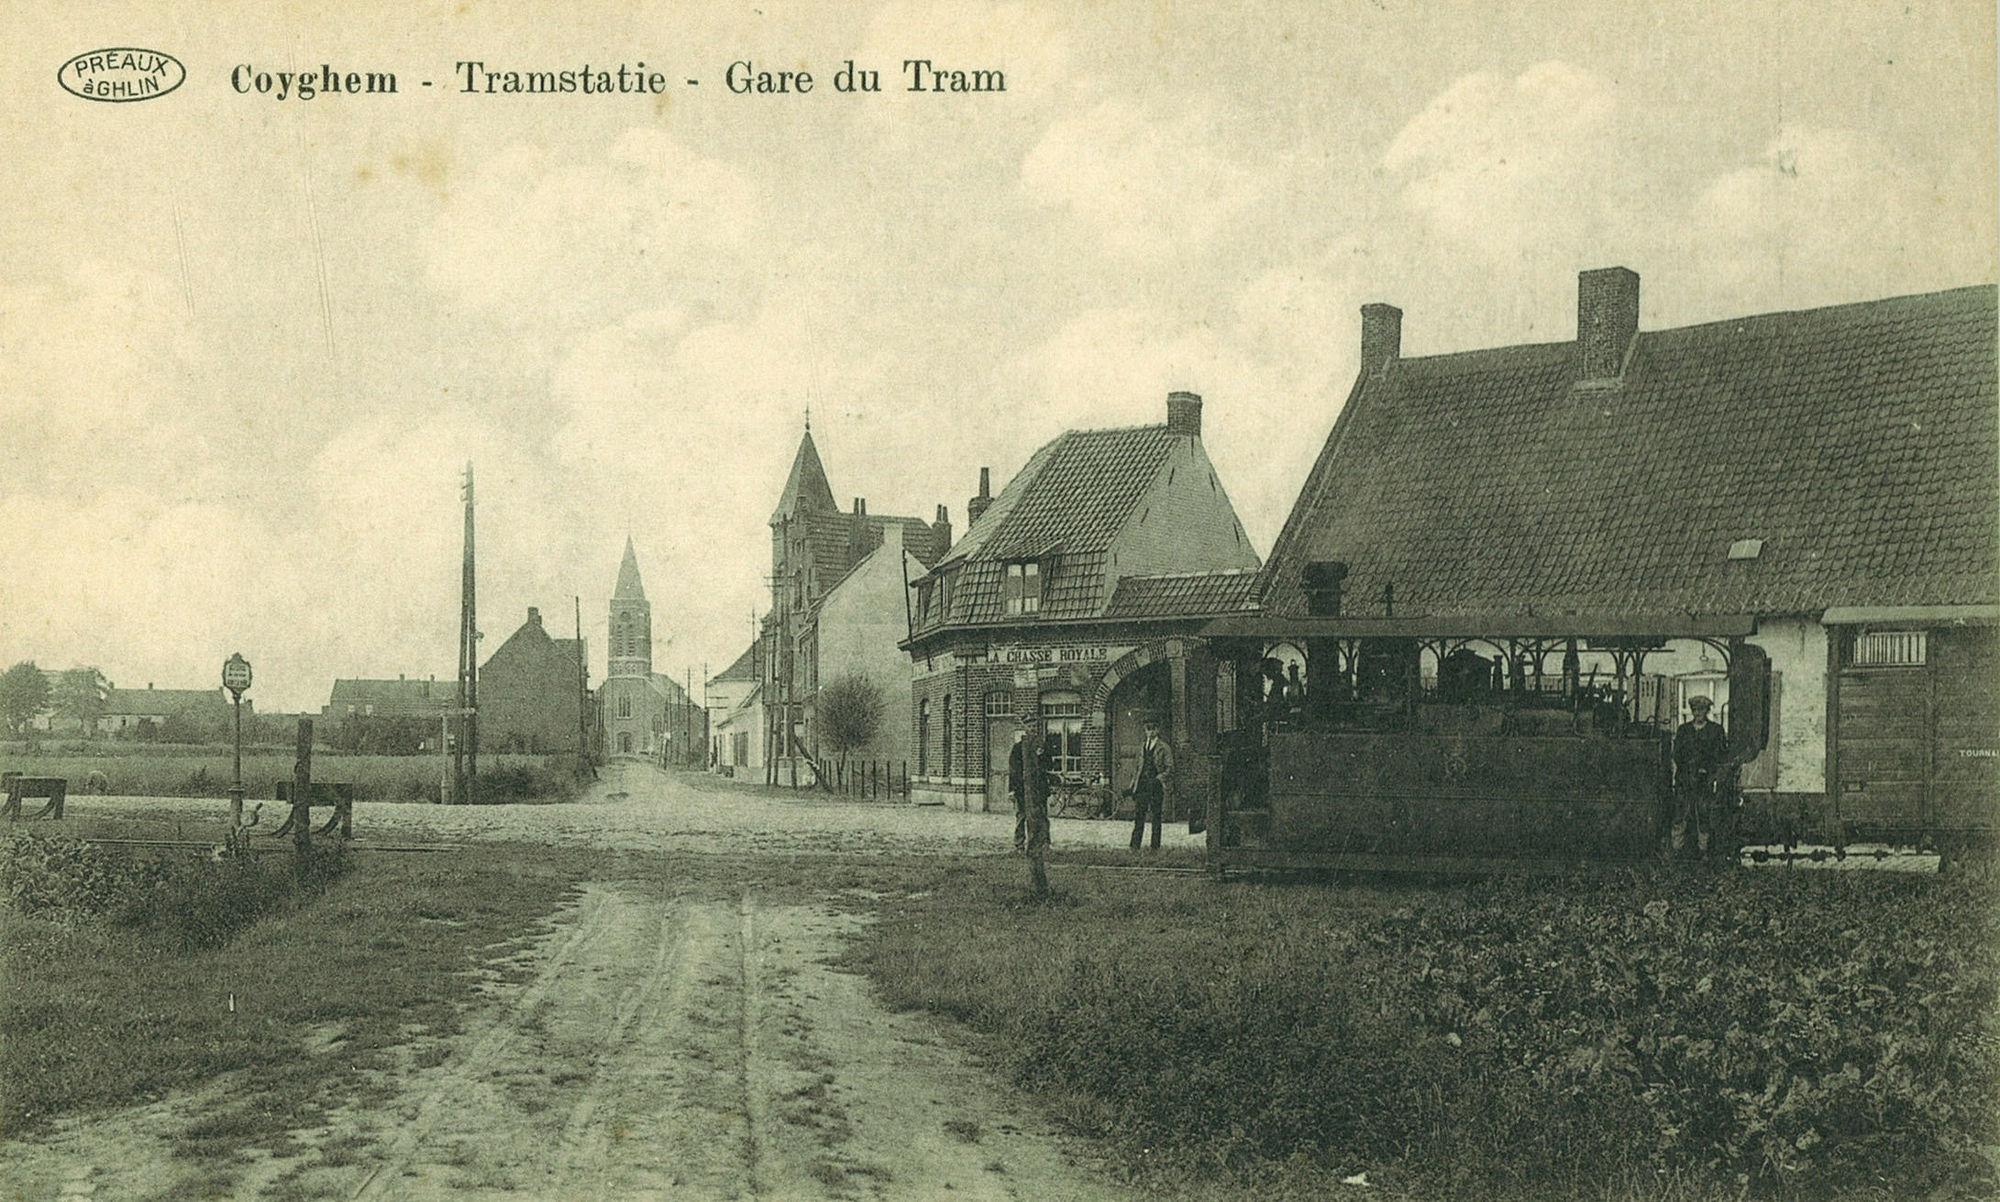 Tramstatie in Kooigem